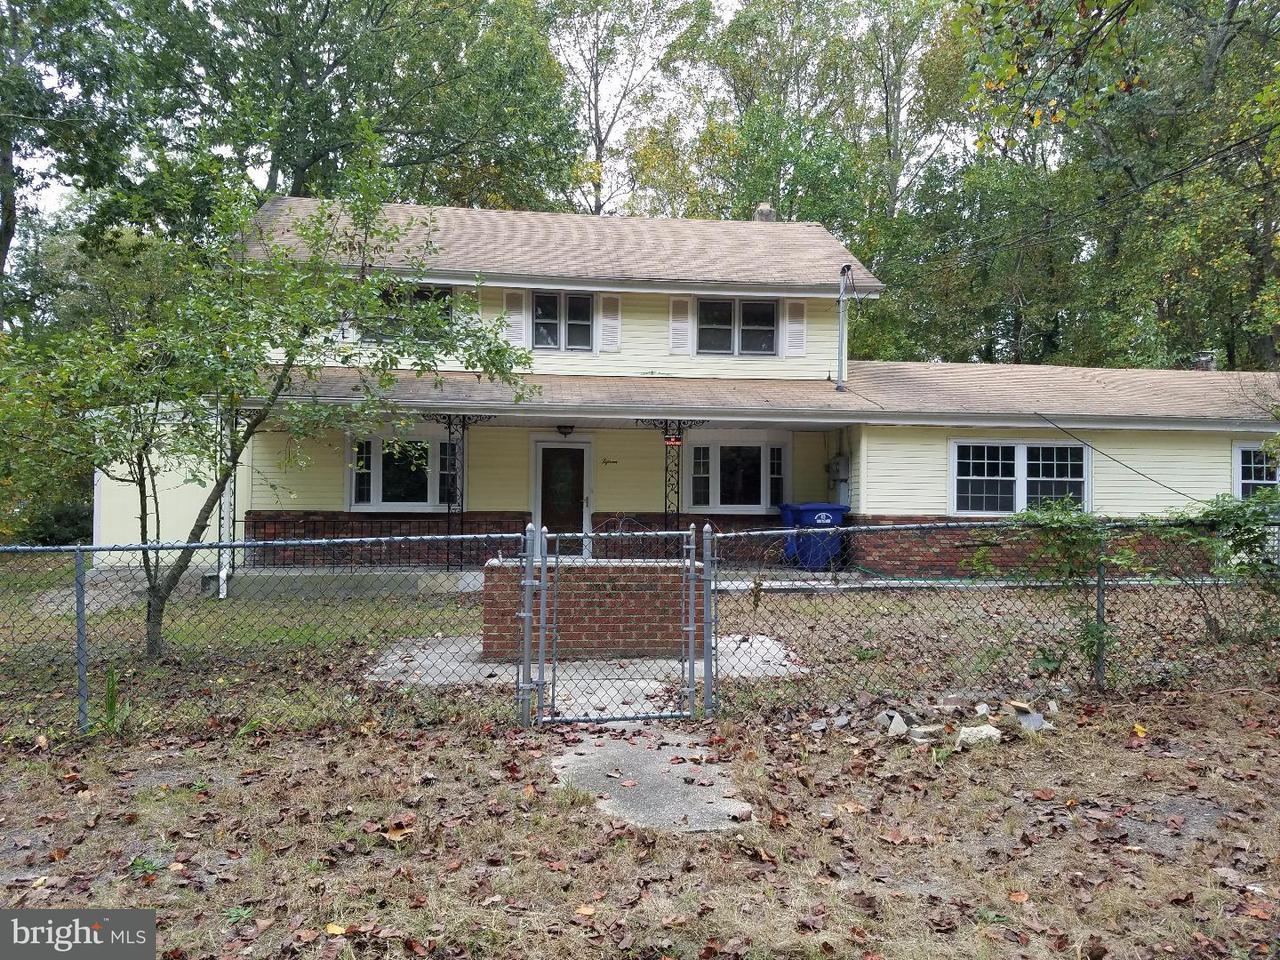 联栋屋 为 出租 在 15 PEAR AVE #A Browns Mills, 新泽西州 08015 美国